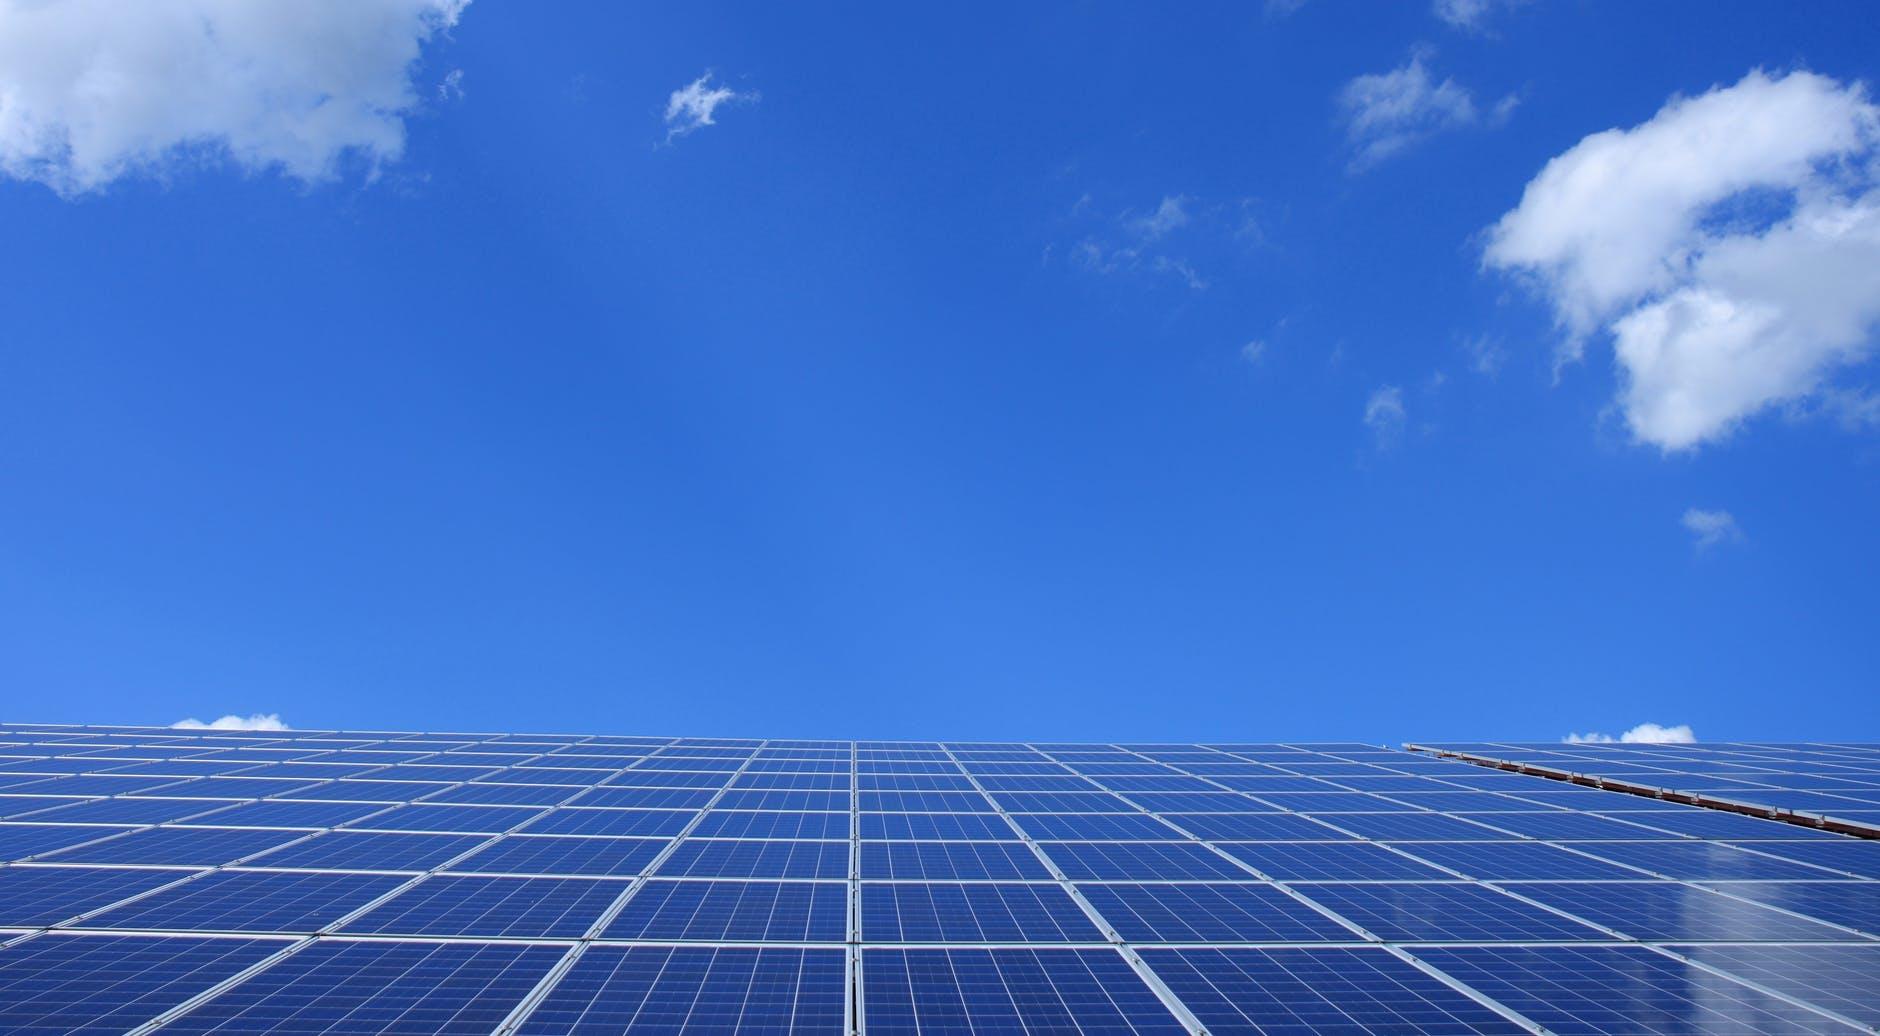 Placas solares bajo cielo azul